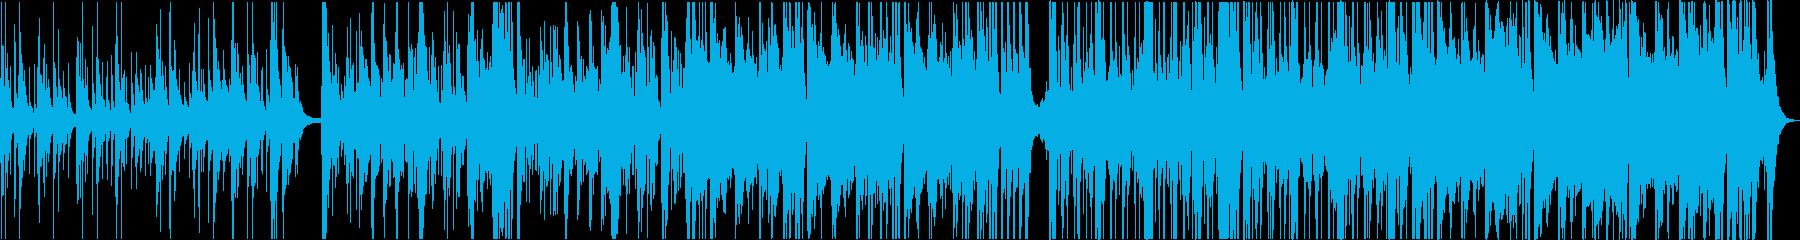 オーケストラクリスマス映像用の明るい曲の再生済みの波形